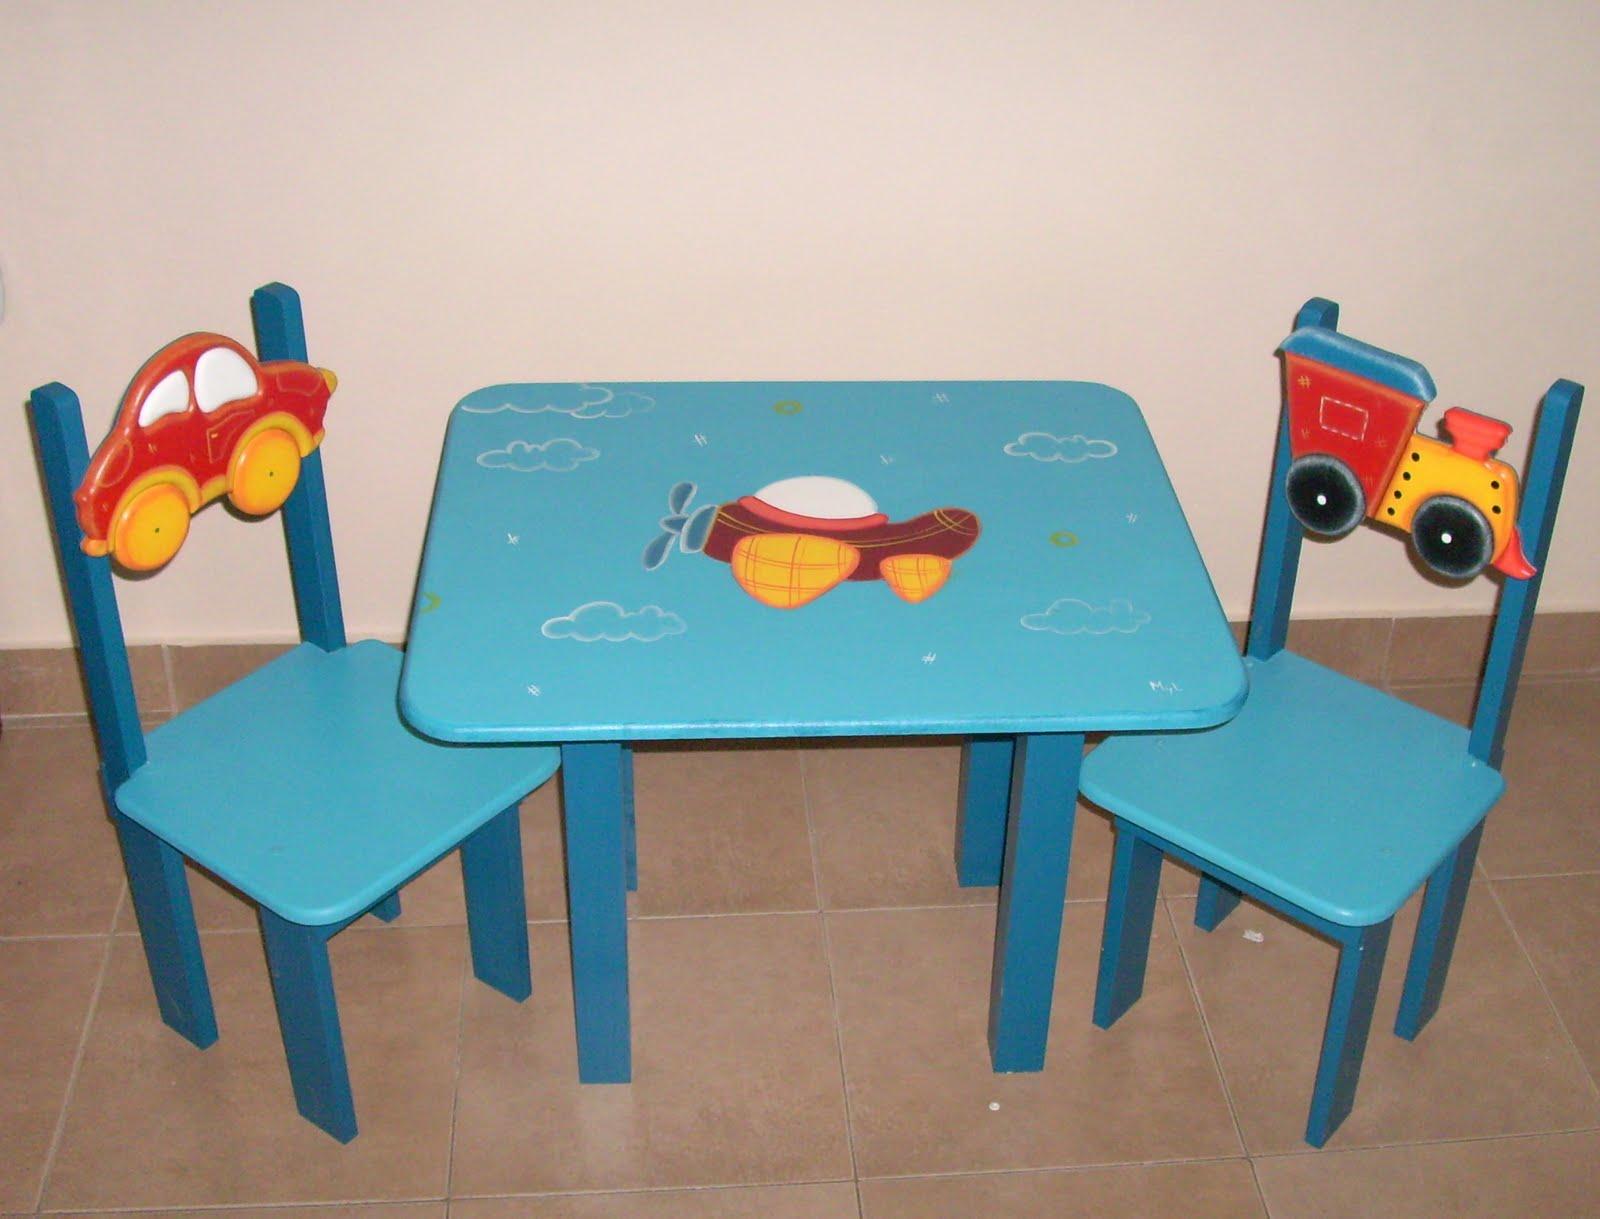 imagenes de muebles pequeños de madera - [PDF]Muebles para Espacios Pequeños Revista El Mueble y La